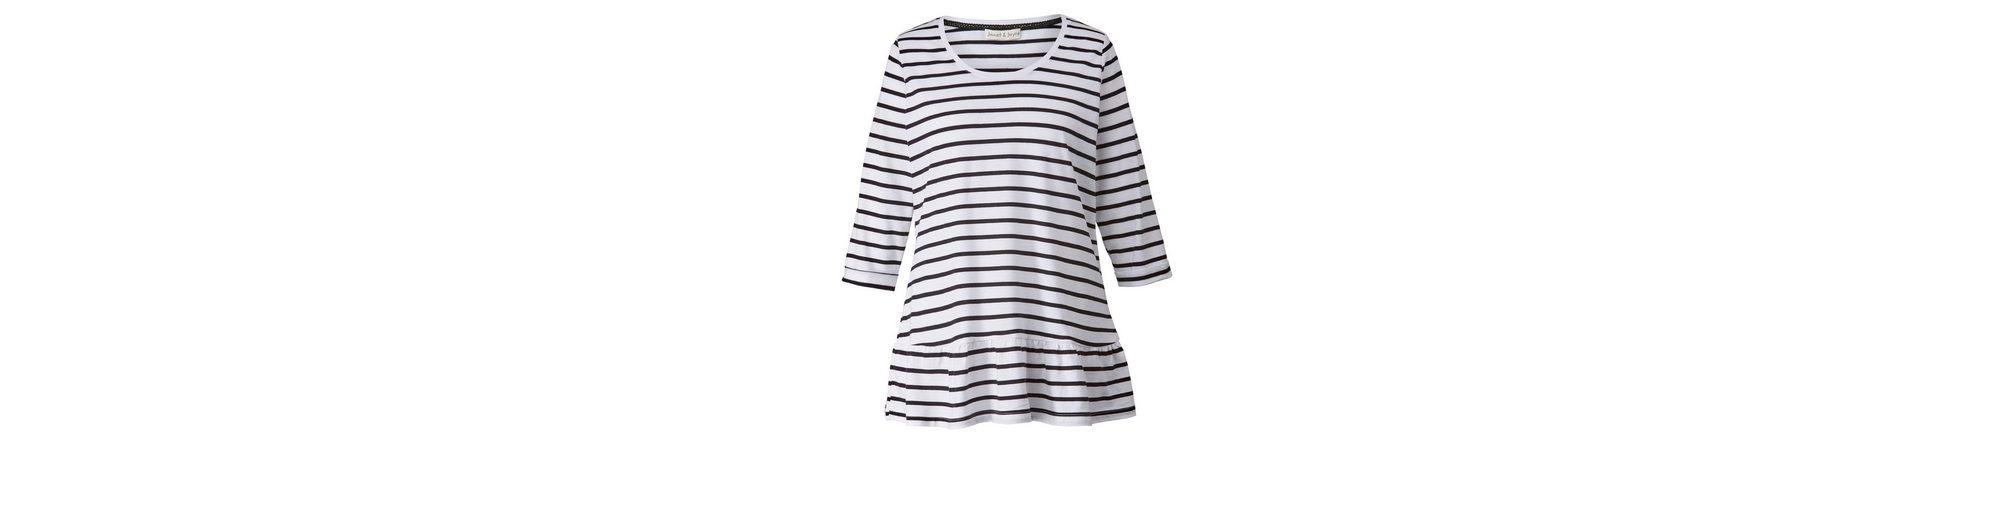 Footlocker Abbildungen Günstig Online Janet und Joyce by Happy Size Shirt gestreift Günstigstener Preis Günstiger Preis lj0WvTpI